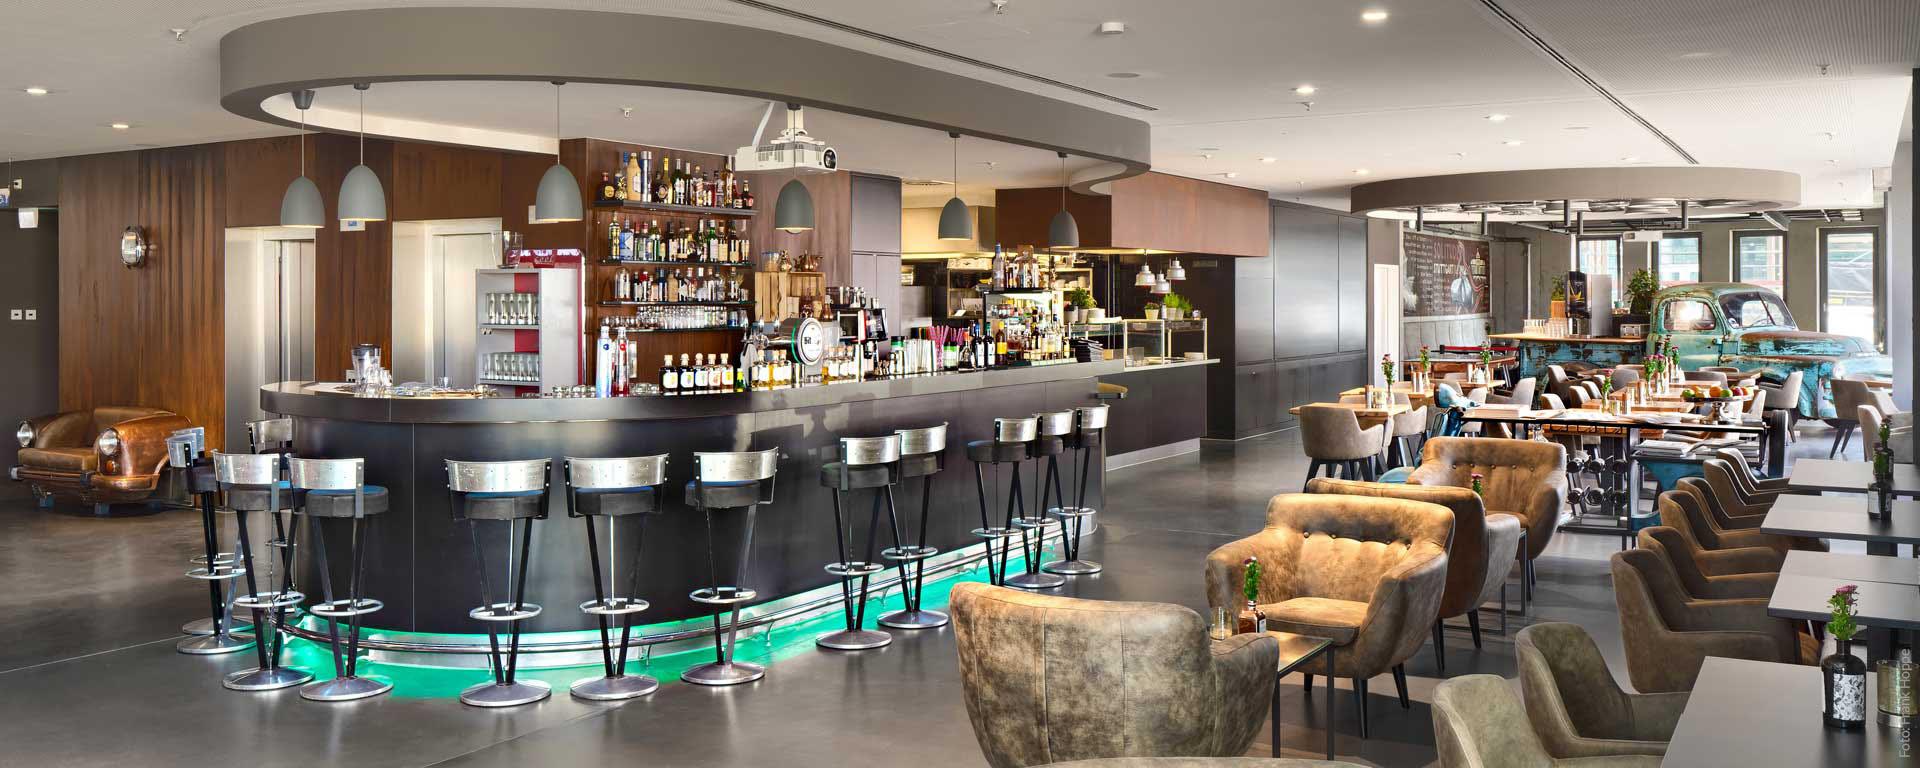 V8 HOTEL PICK-UP Bar: Café mit Terrasse, Drinks & Cocktails mit Supercar-Ambiente - auf dem Flugfeld in Böblingen, Region Stuttgart